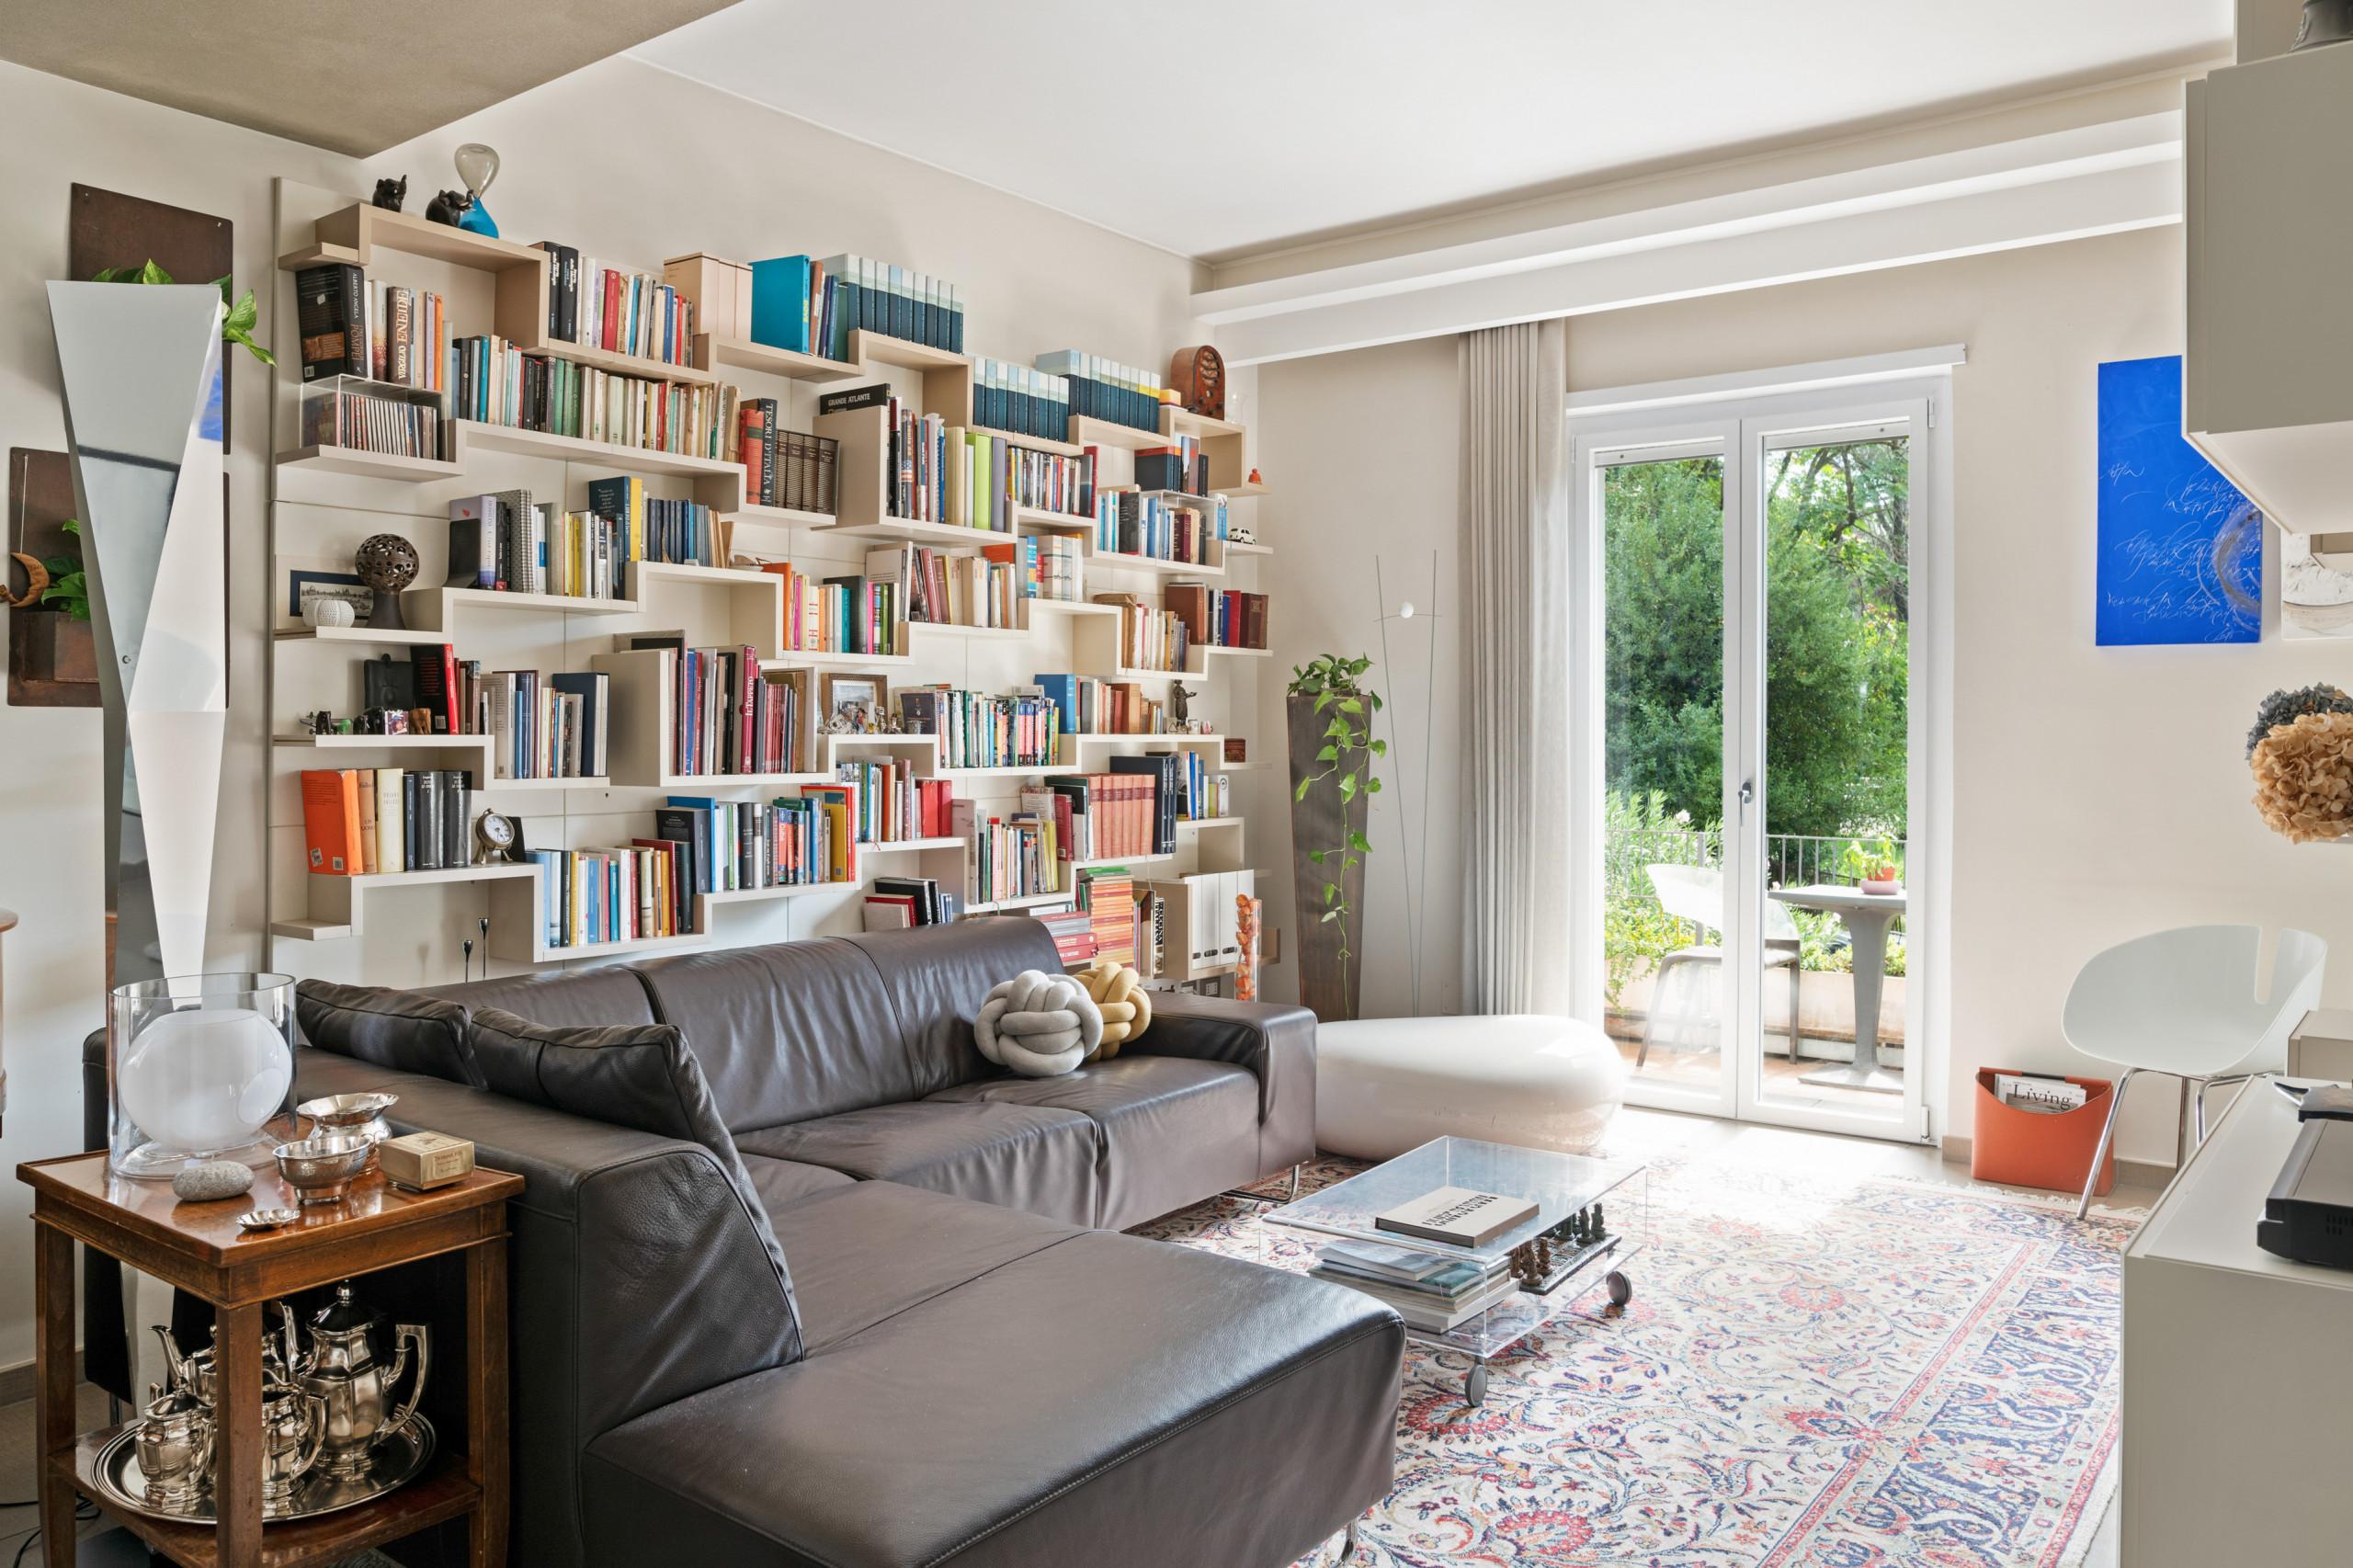 arredare il soggiorno in stile toscano (foto) divano bianco. Soggiorno Foto E Idee Per Arredare Settembre 2021 Houzz It